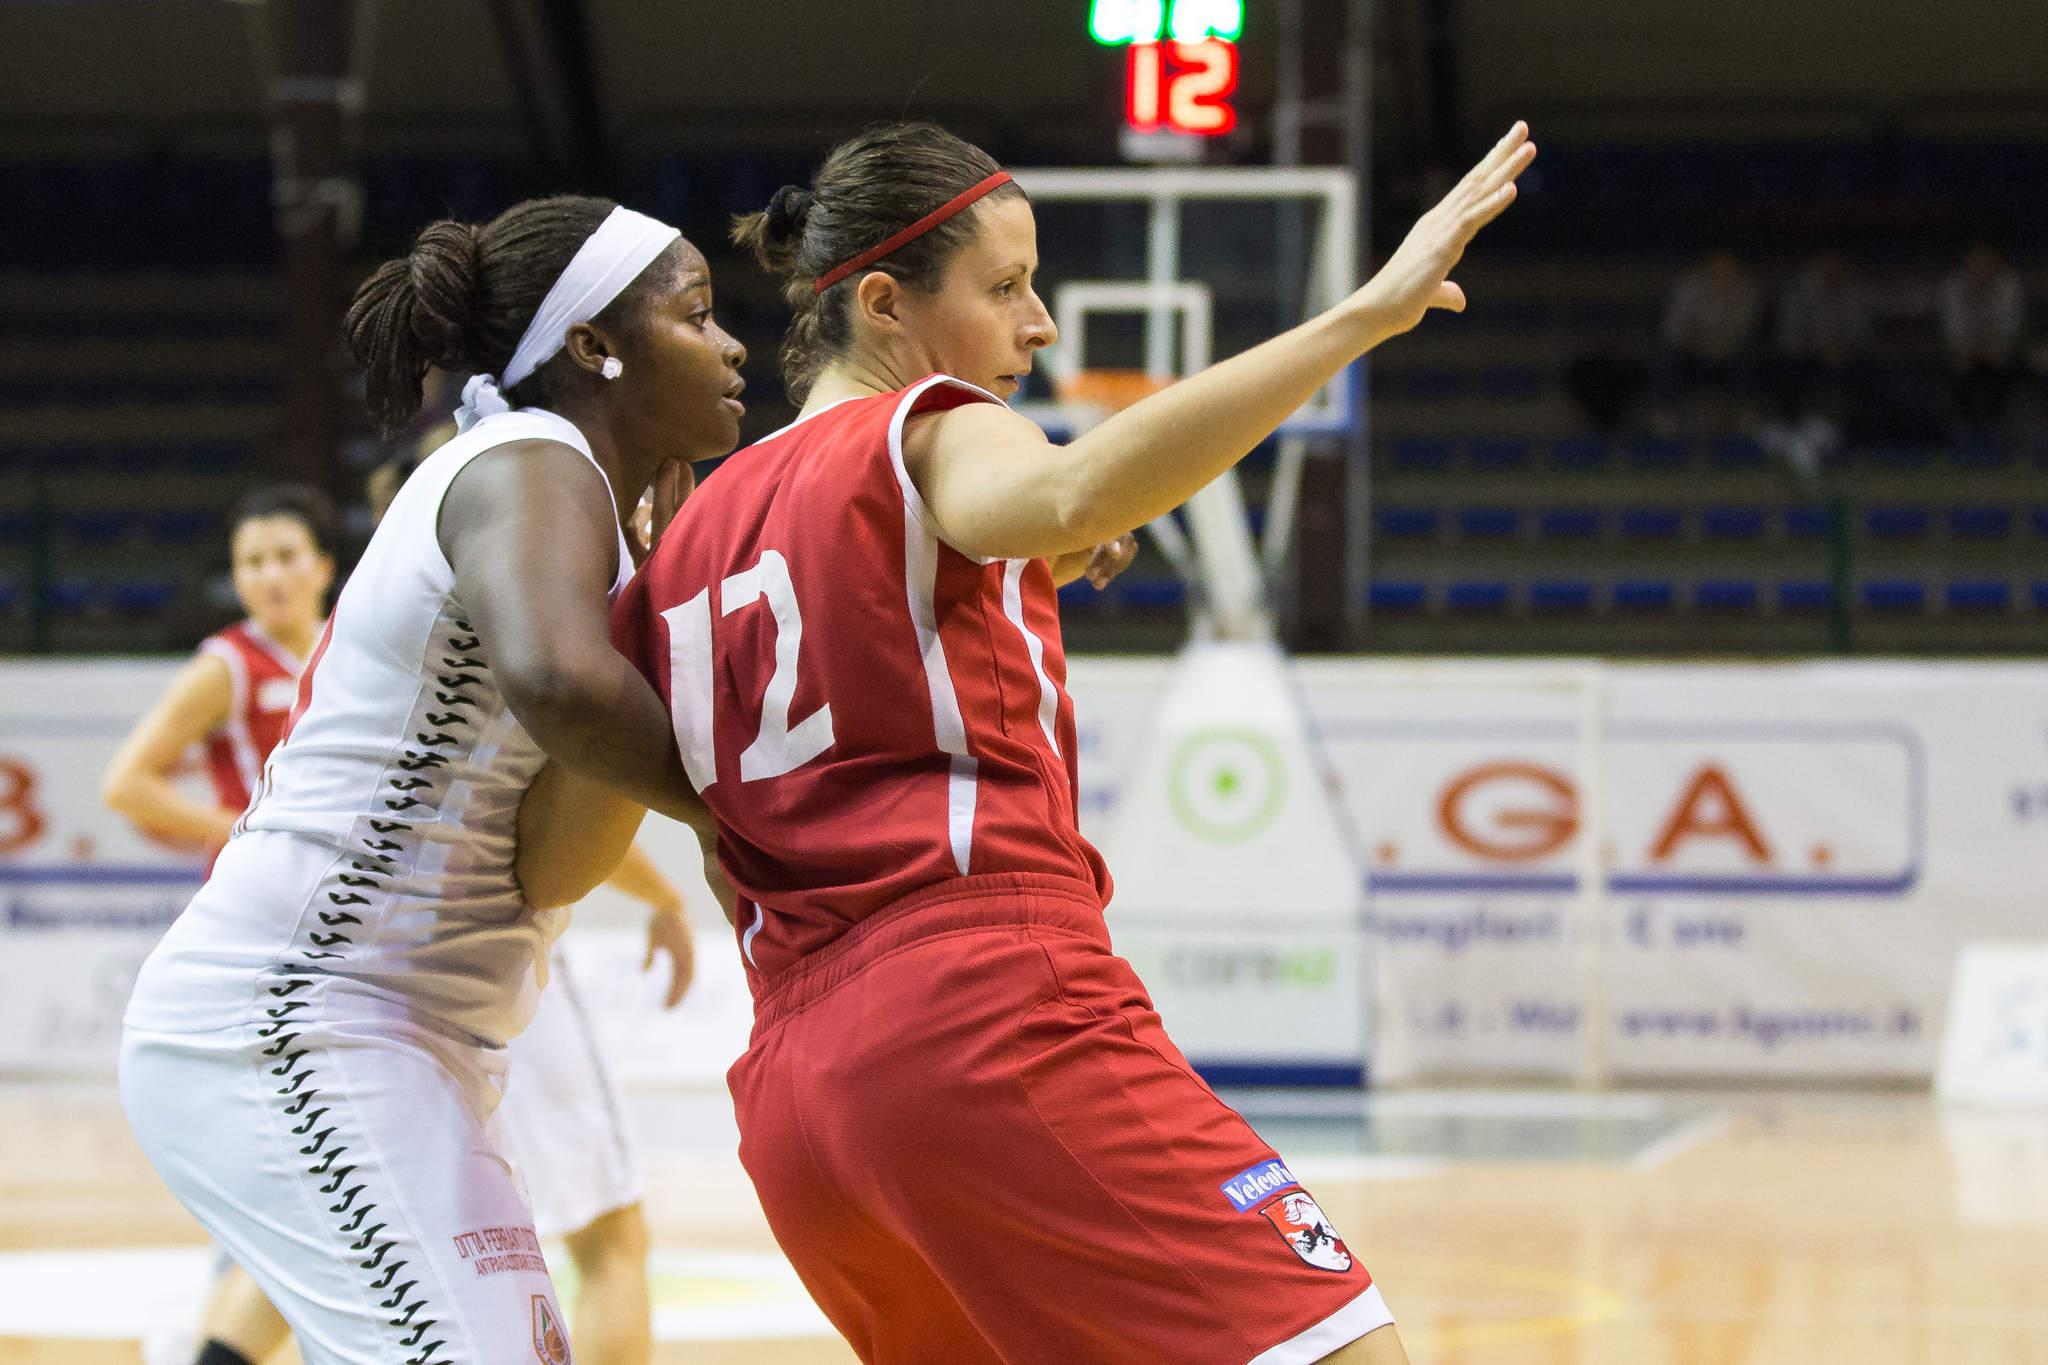 Lucia Ferri VelcoFin Vicenza